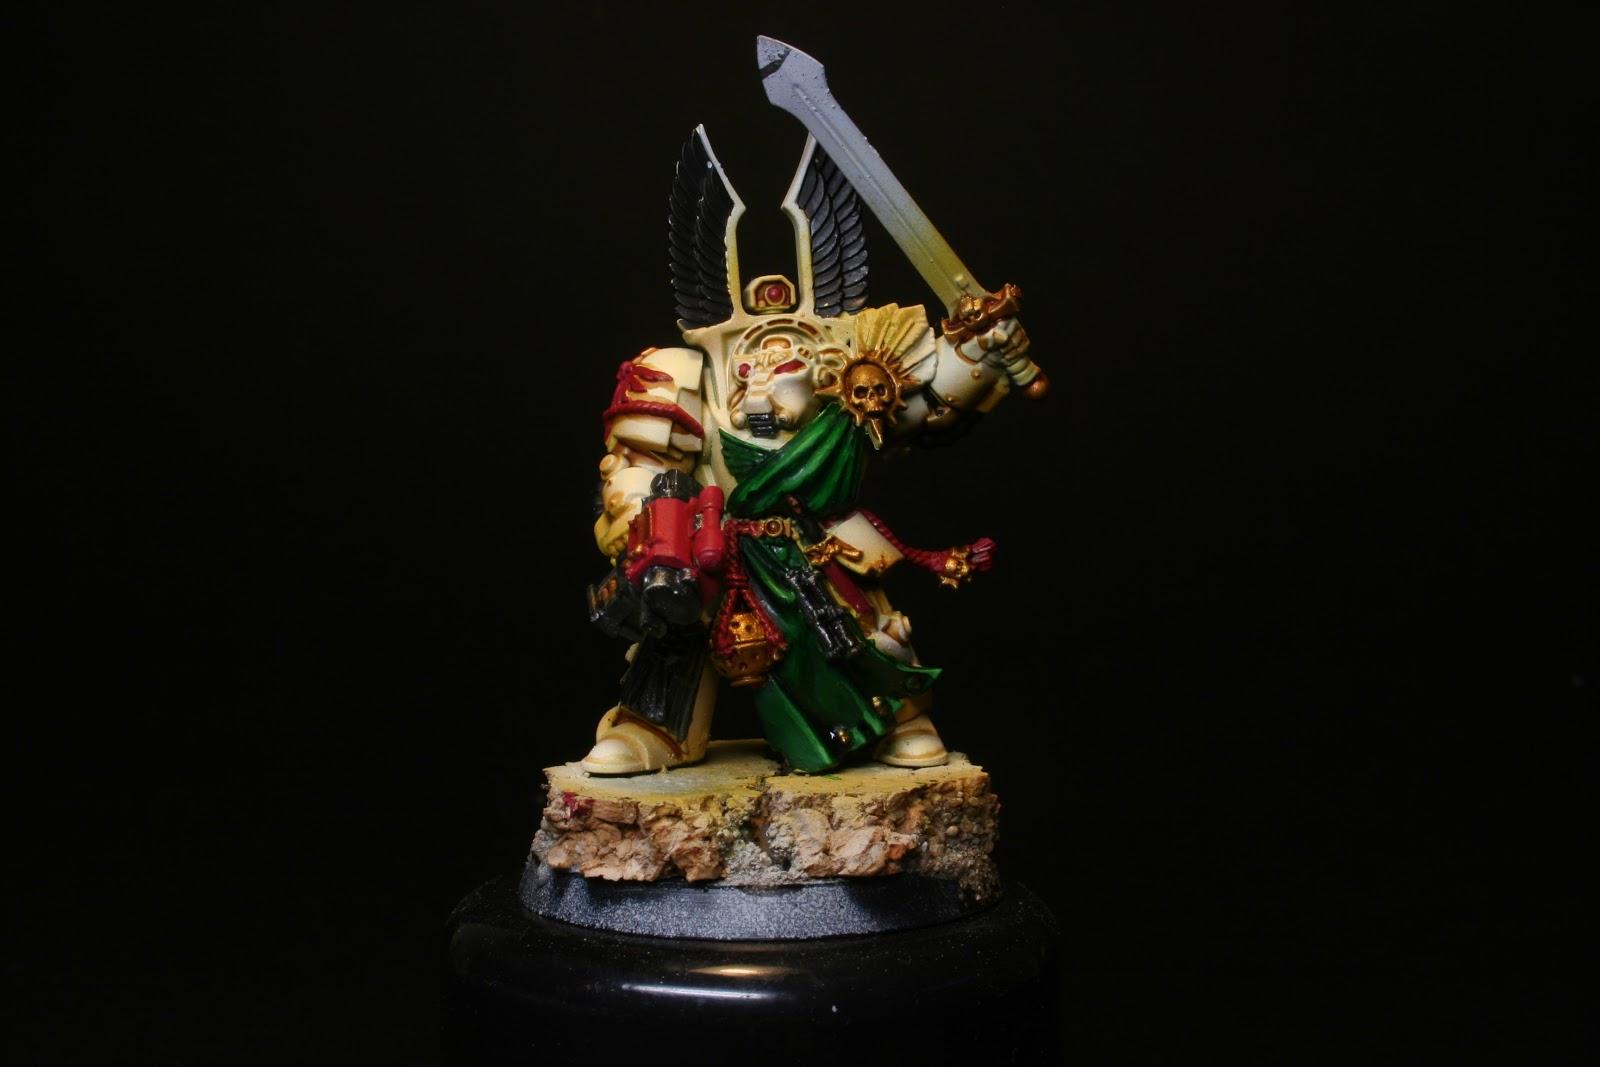 Sombras en los metalizados plateados en los exterminador de los Ángeles Oscuros de la caja de Warhammer: Venganza Oscura